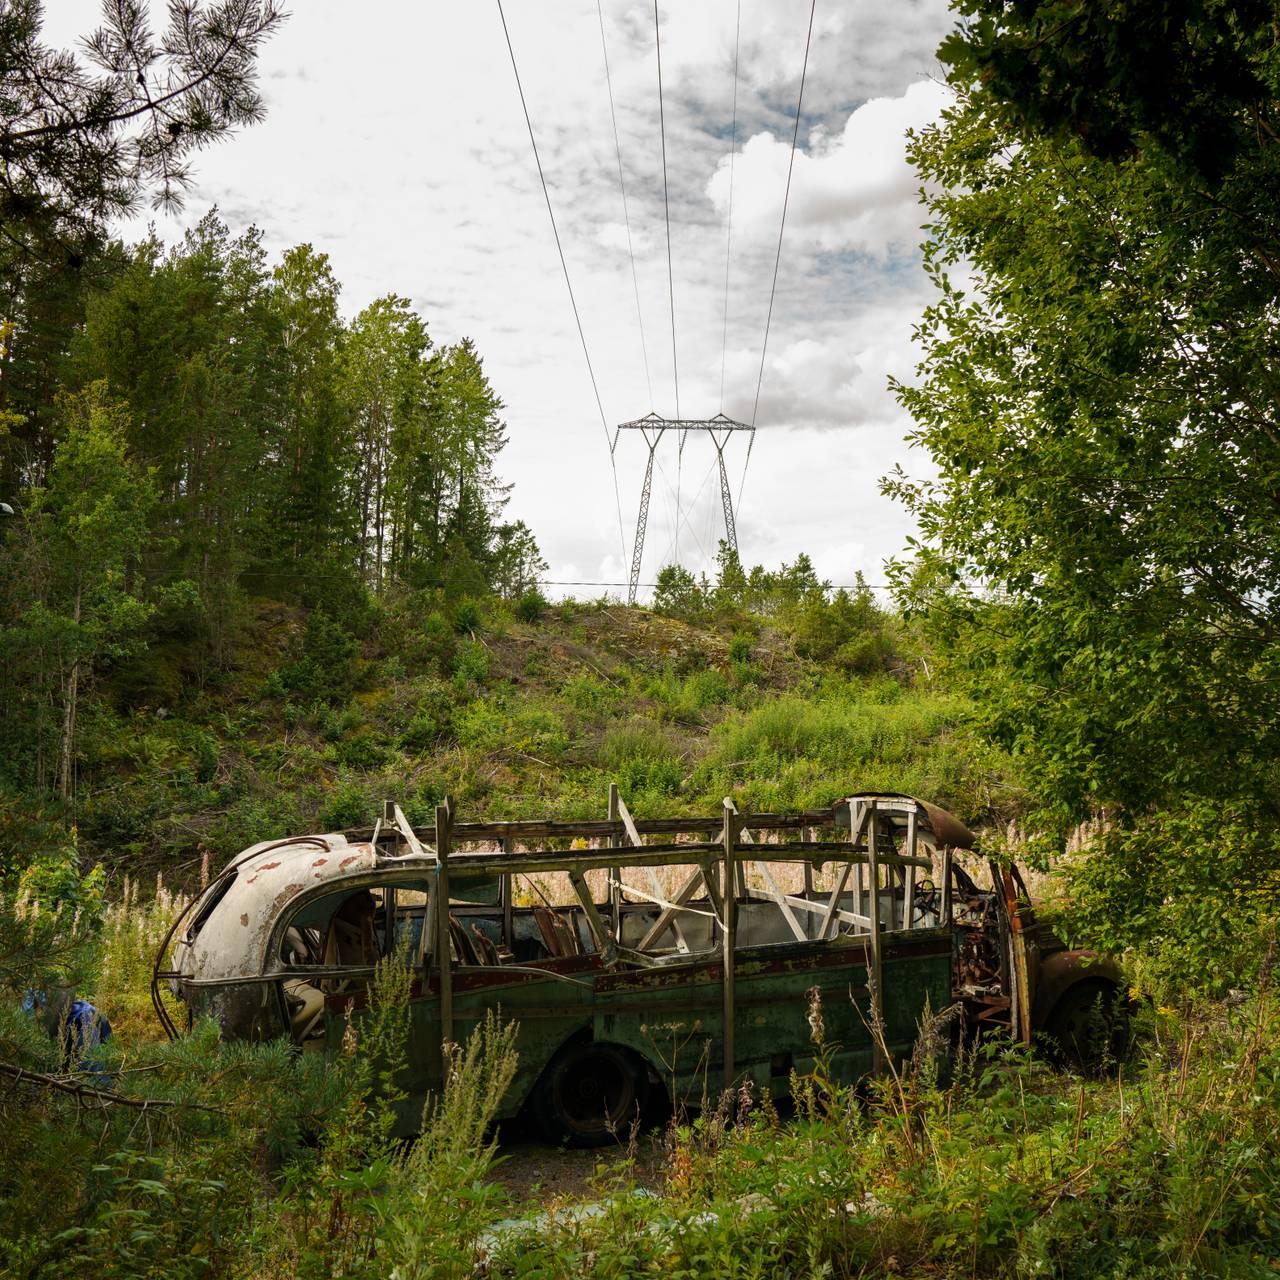 Bussvrak i skogen